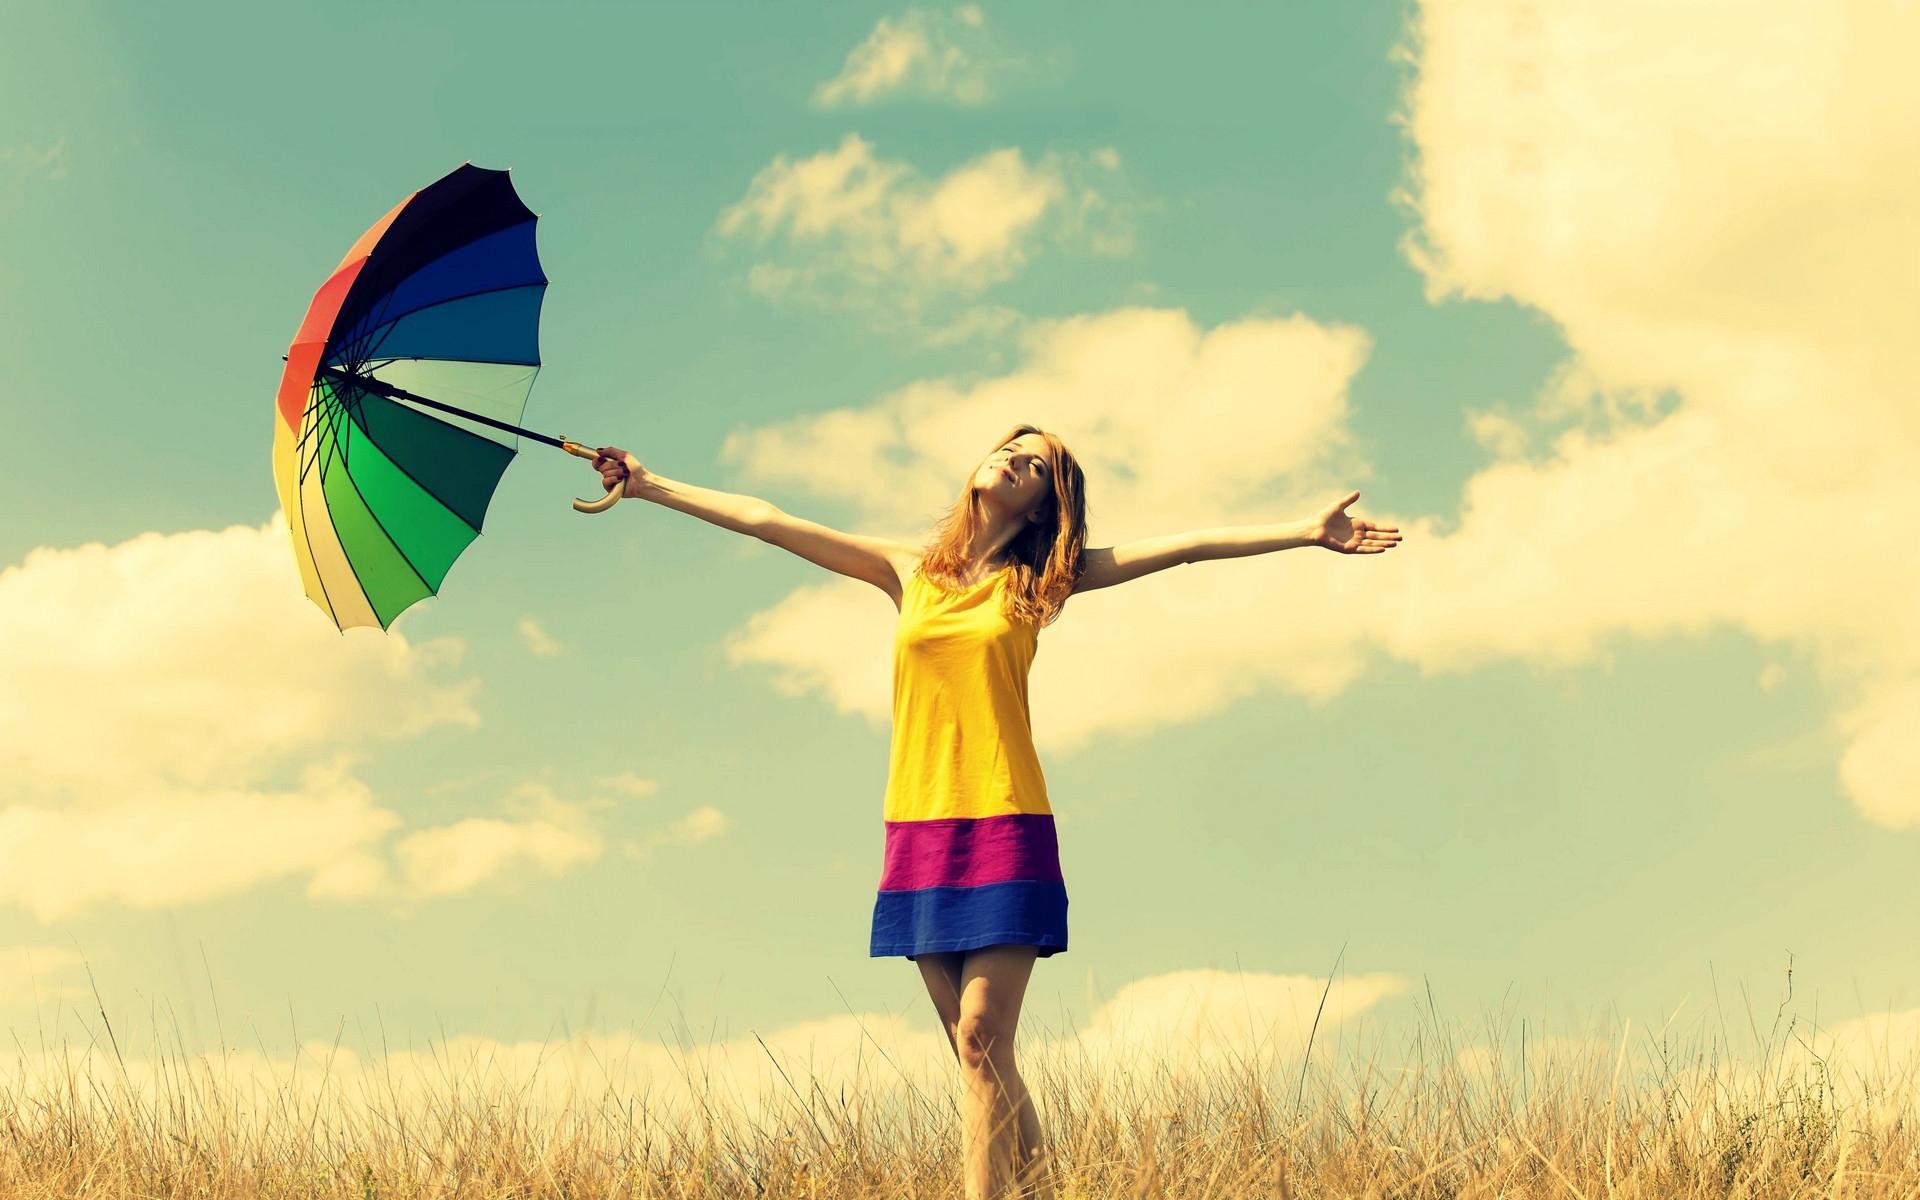 Η έκθεση στον ήλιο, ο καρκίνος του δέρματος, το μελάνωμα και η χρήση αντηλιακών.  Μύθοι & Πραγματικότητα*